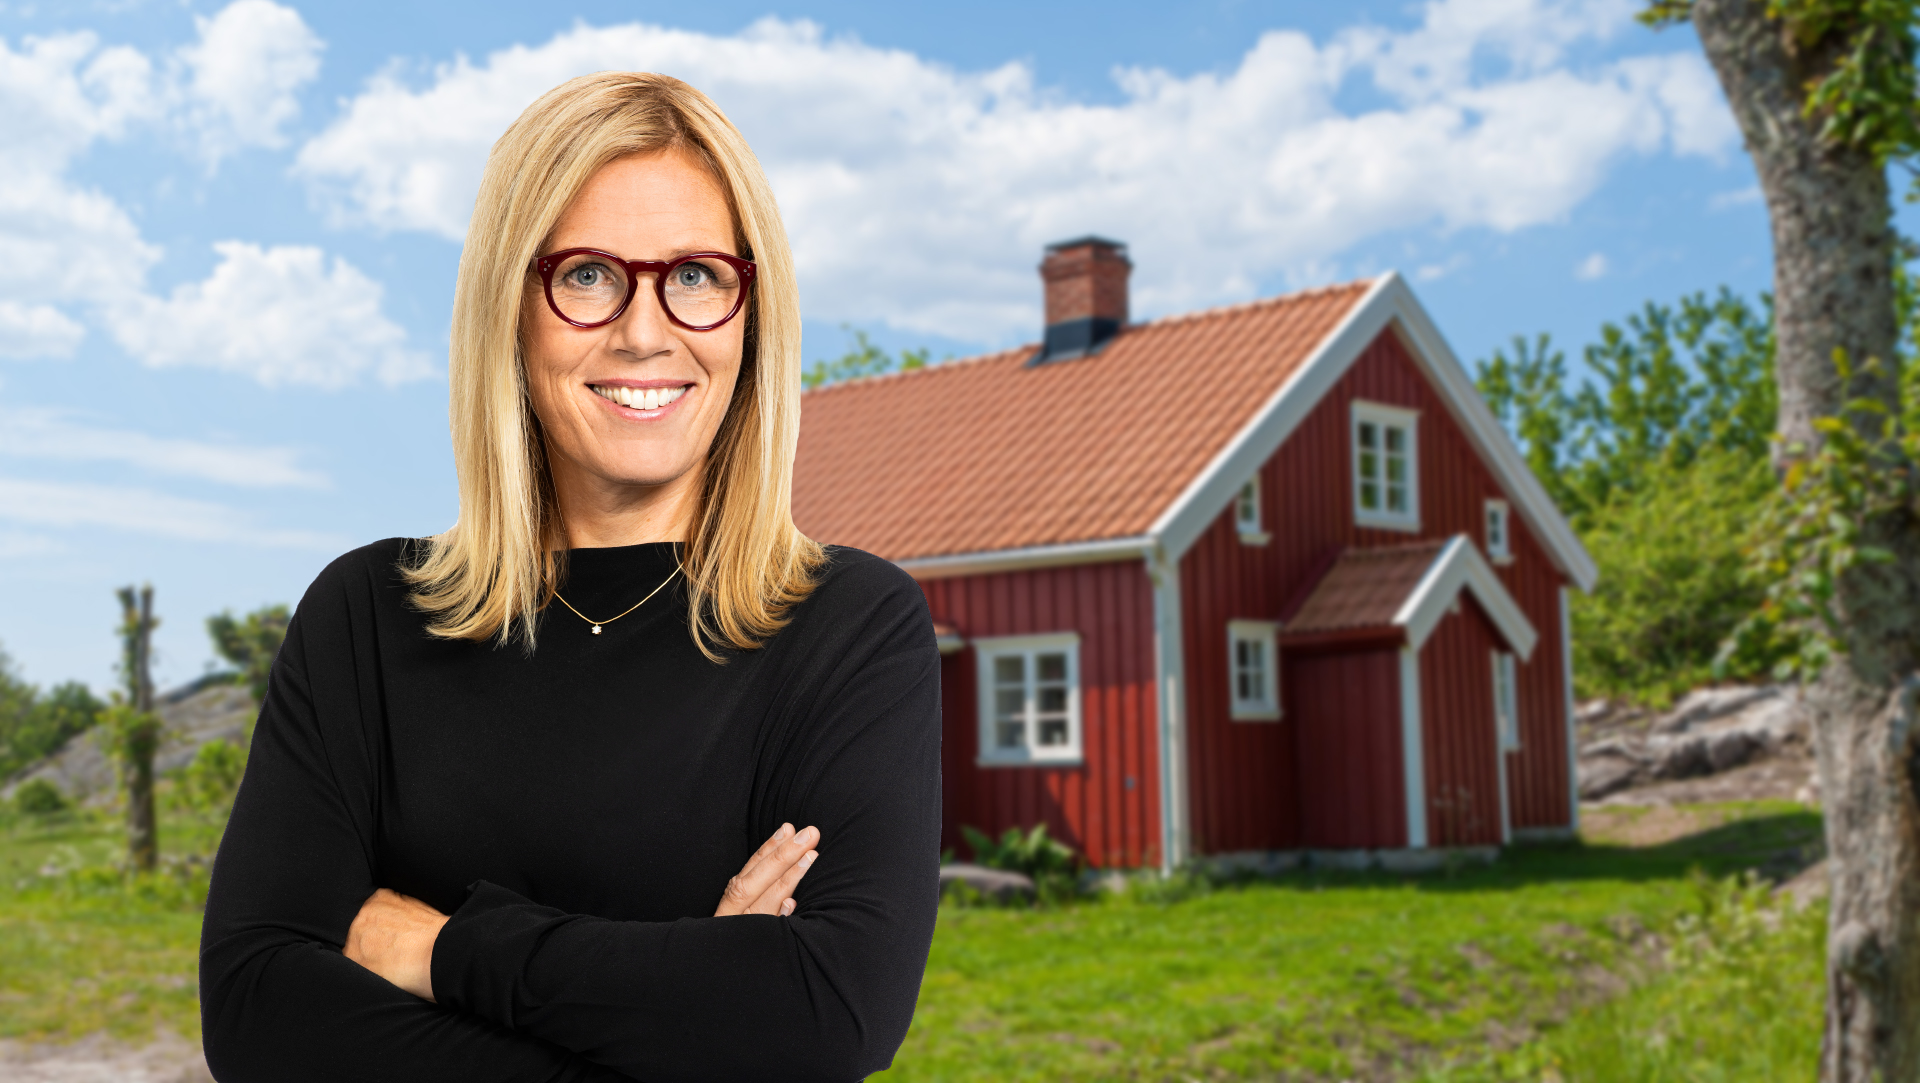 Hyra ut bostaden i sommar – gör rätt med skatt och moms